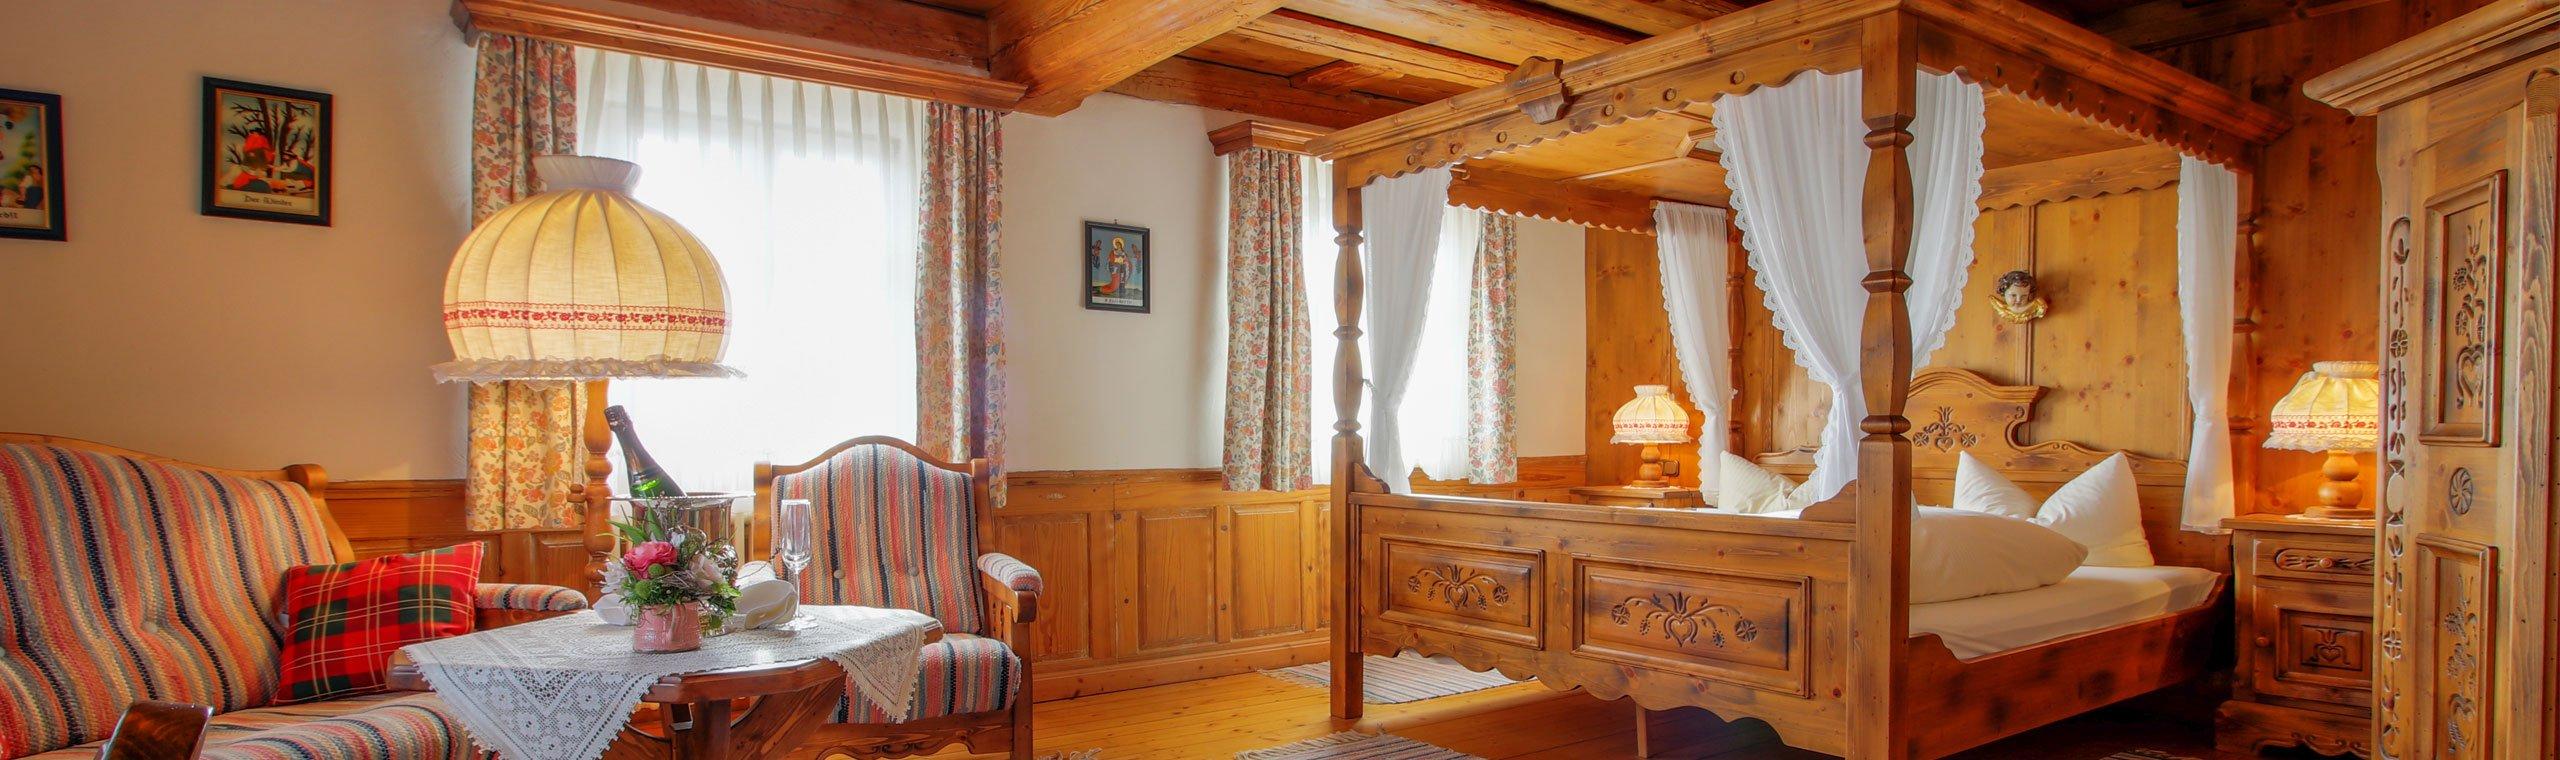 Familienzimmer im Hotel mit hölzerner Ausstattung